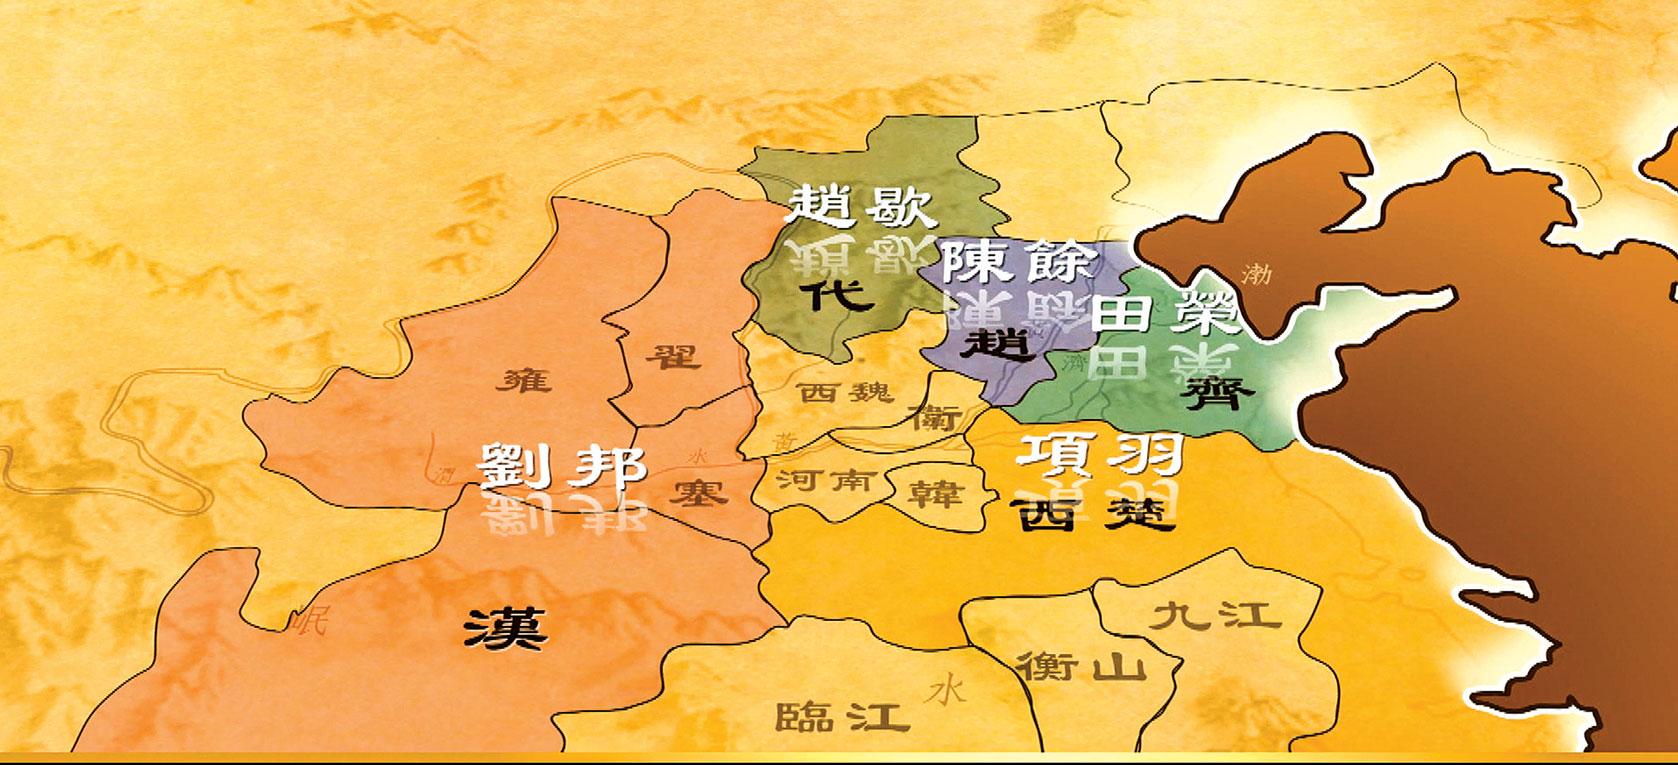 項羽稱霸天下之後不久,劉邦、田榮、趙歇、陳餘等人紛紛反叛。